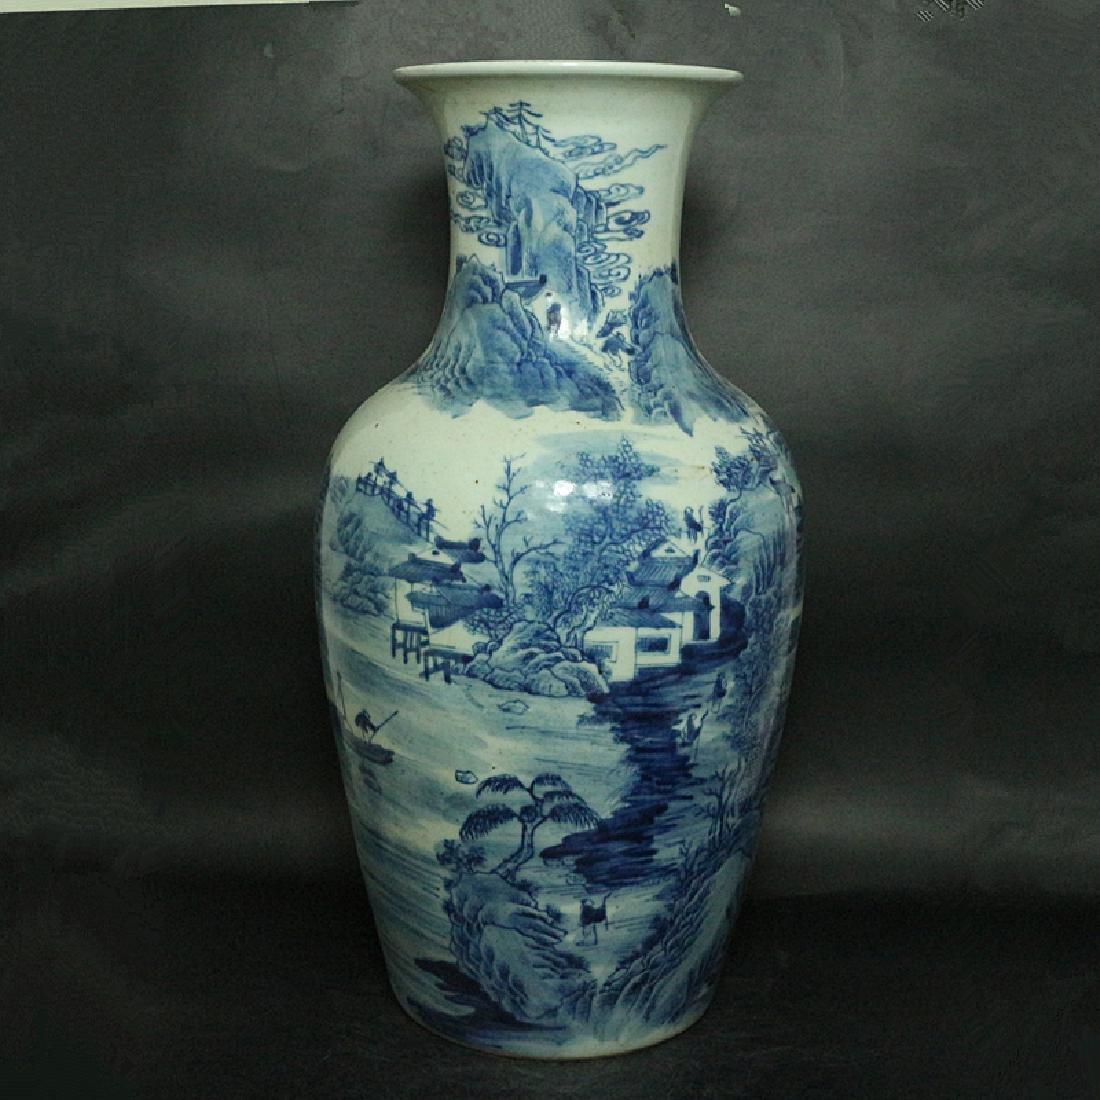 Chinese Qing Dynasty Blue & White Glazed Porcelain Vase - 2